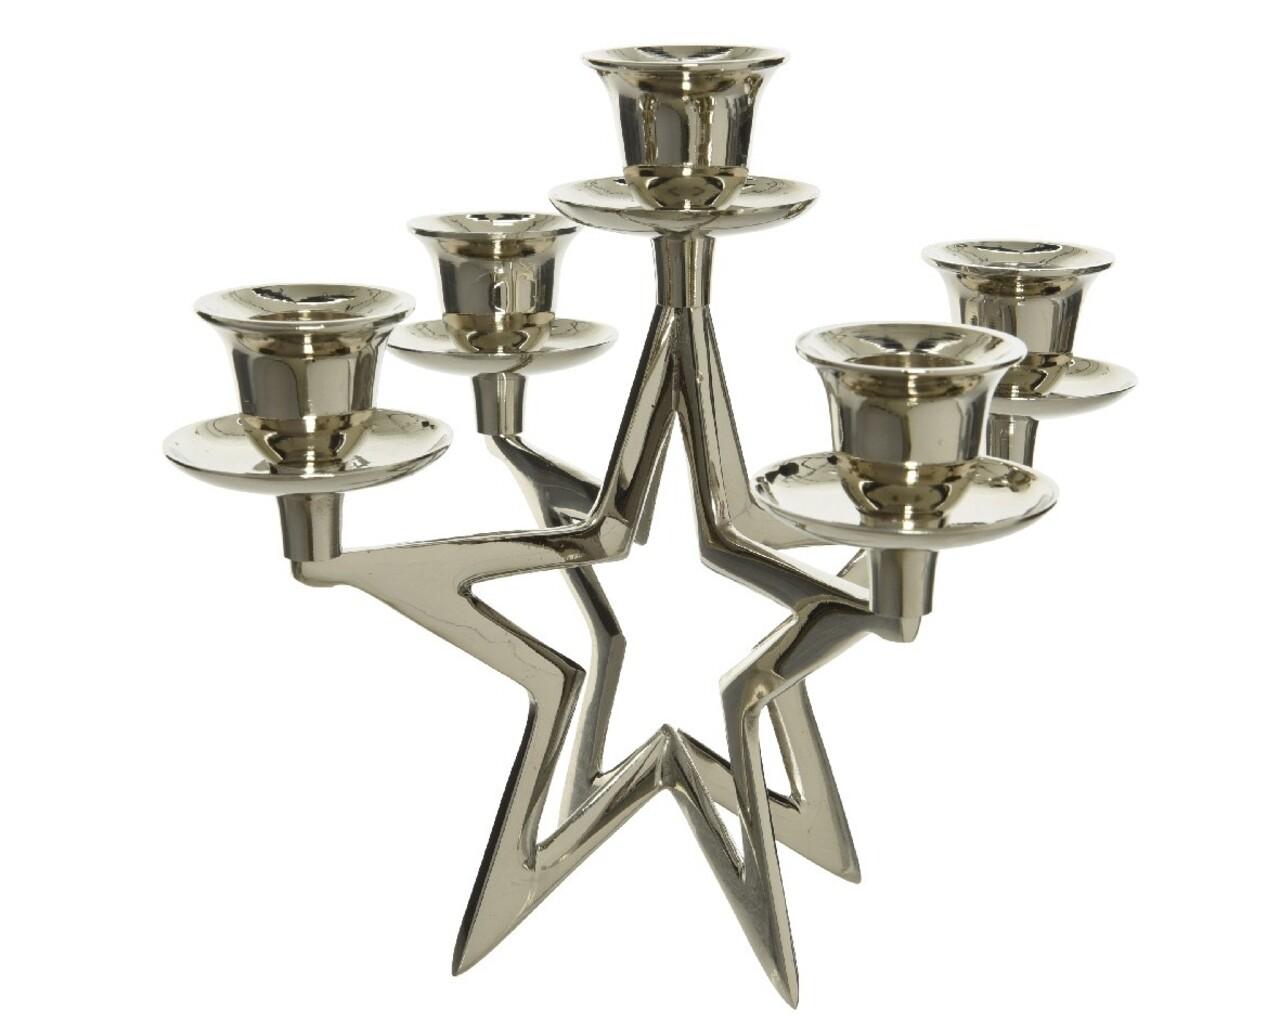 Suport pentru lumanari Star, Decoris, 9x18.5x16 cm, alama, argintiu